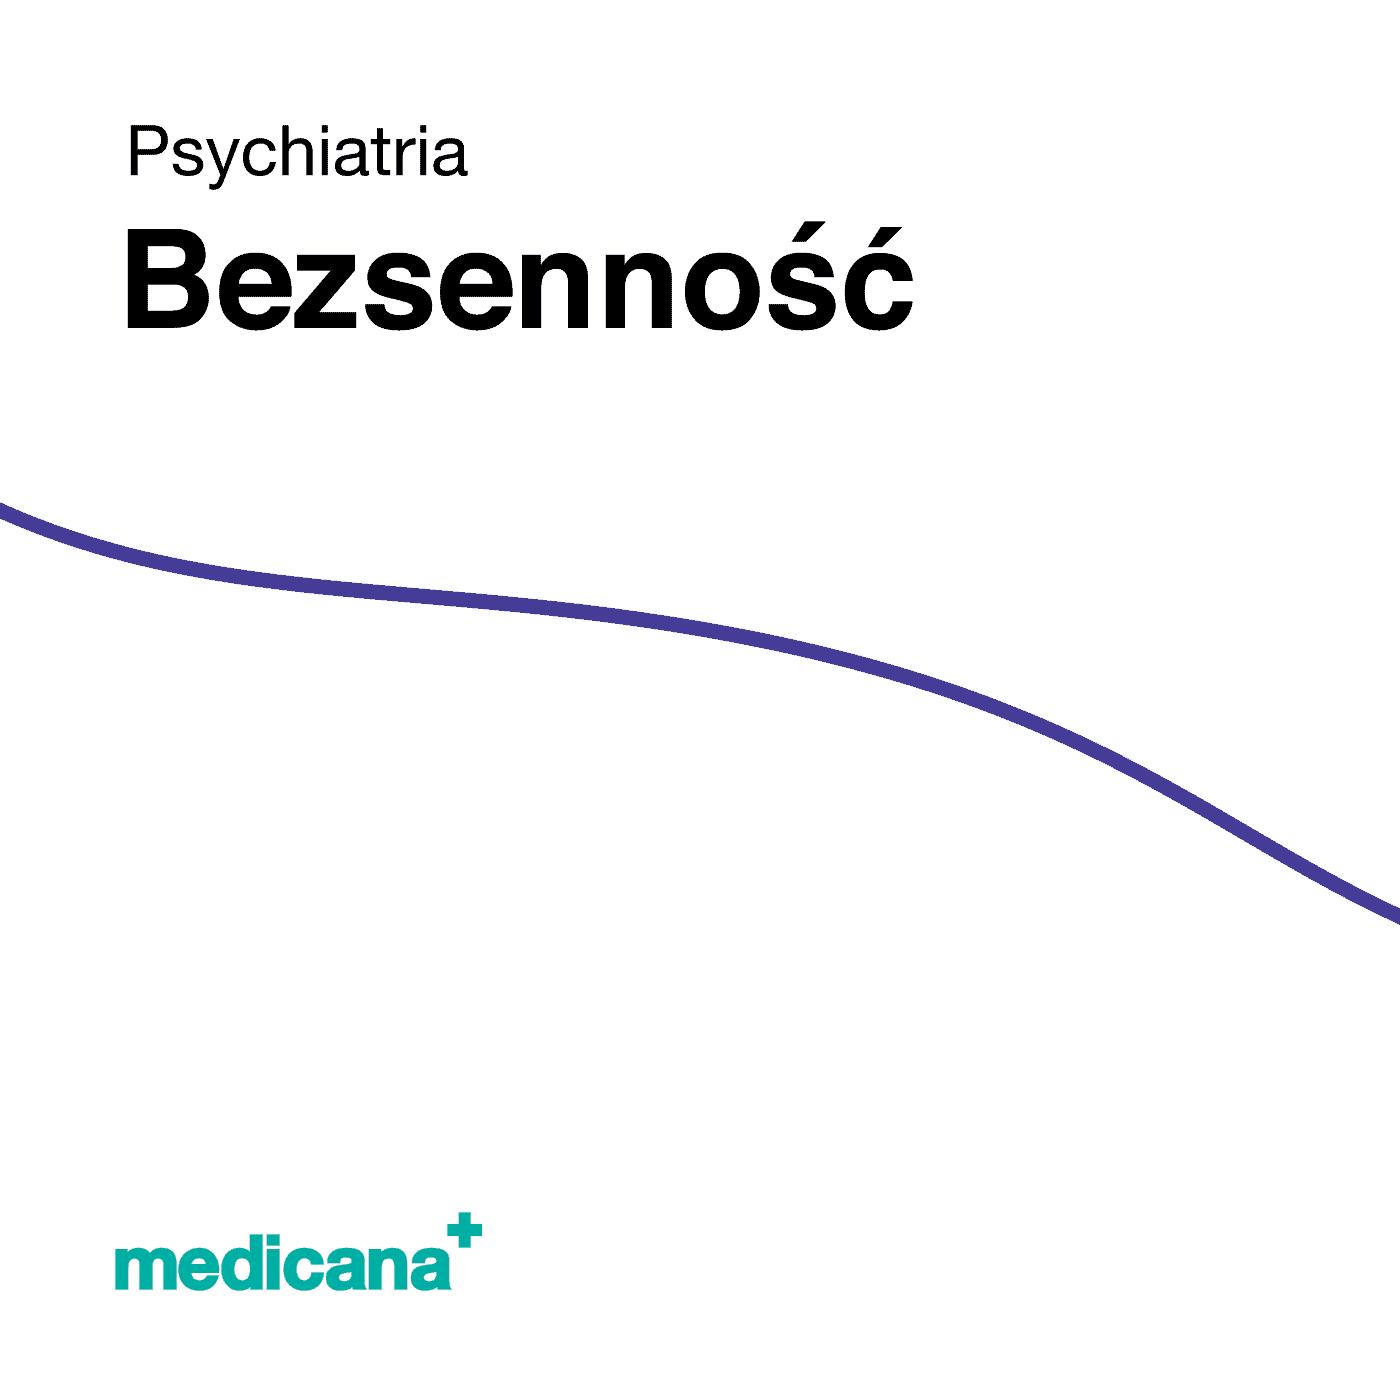 Grafika, białe tło z granatową kreską, czarnym napisem Psychiatria - Bezsenność oraz zielonym logo Medicana w lewym dolnym rogu.